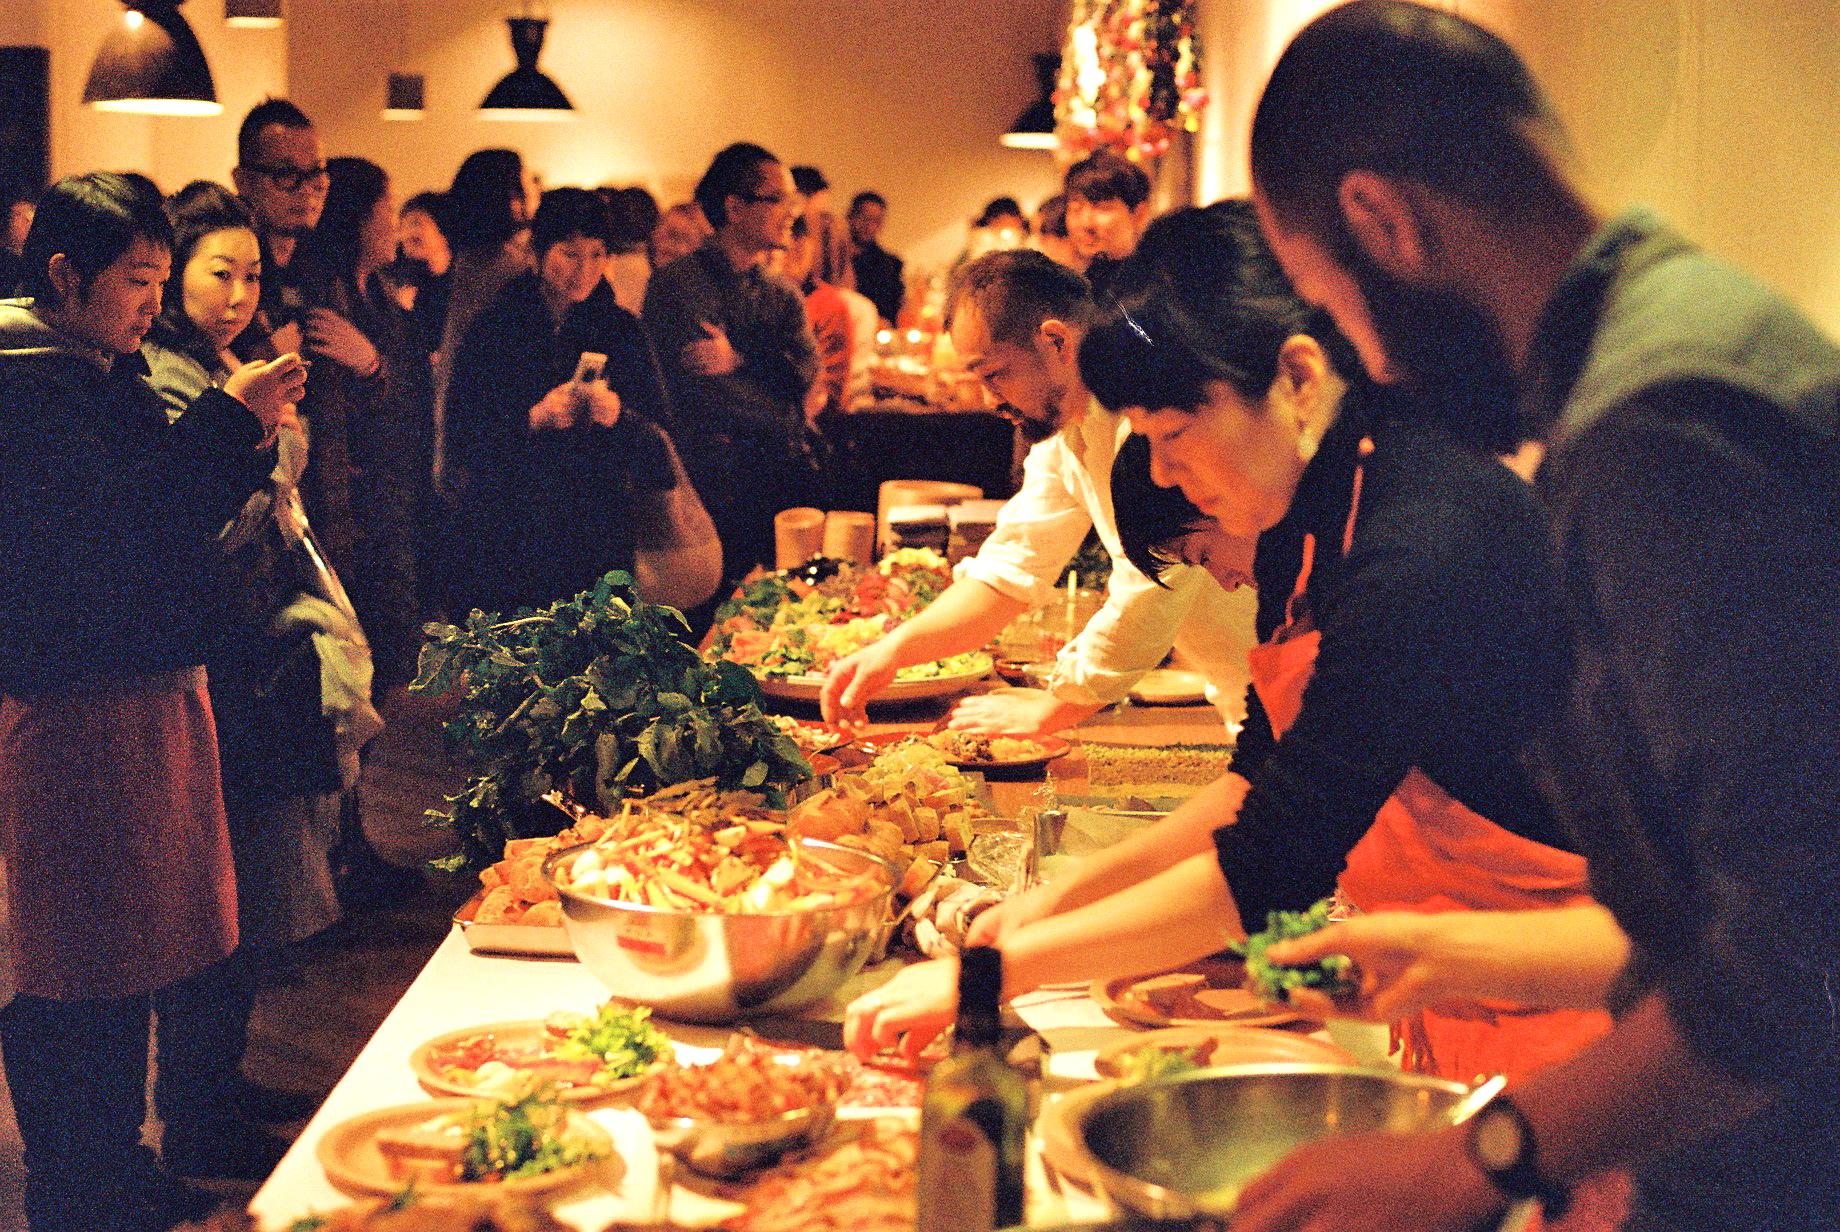 美味しい食事でつながる、空間と料理人とお客様。